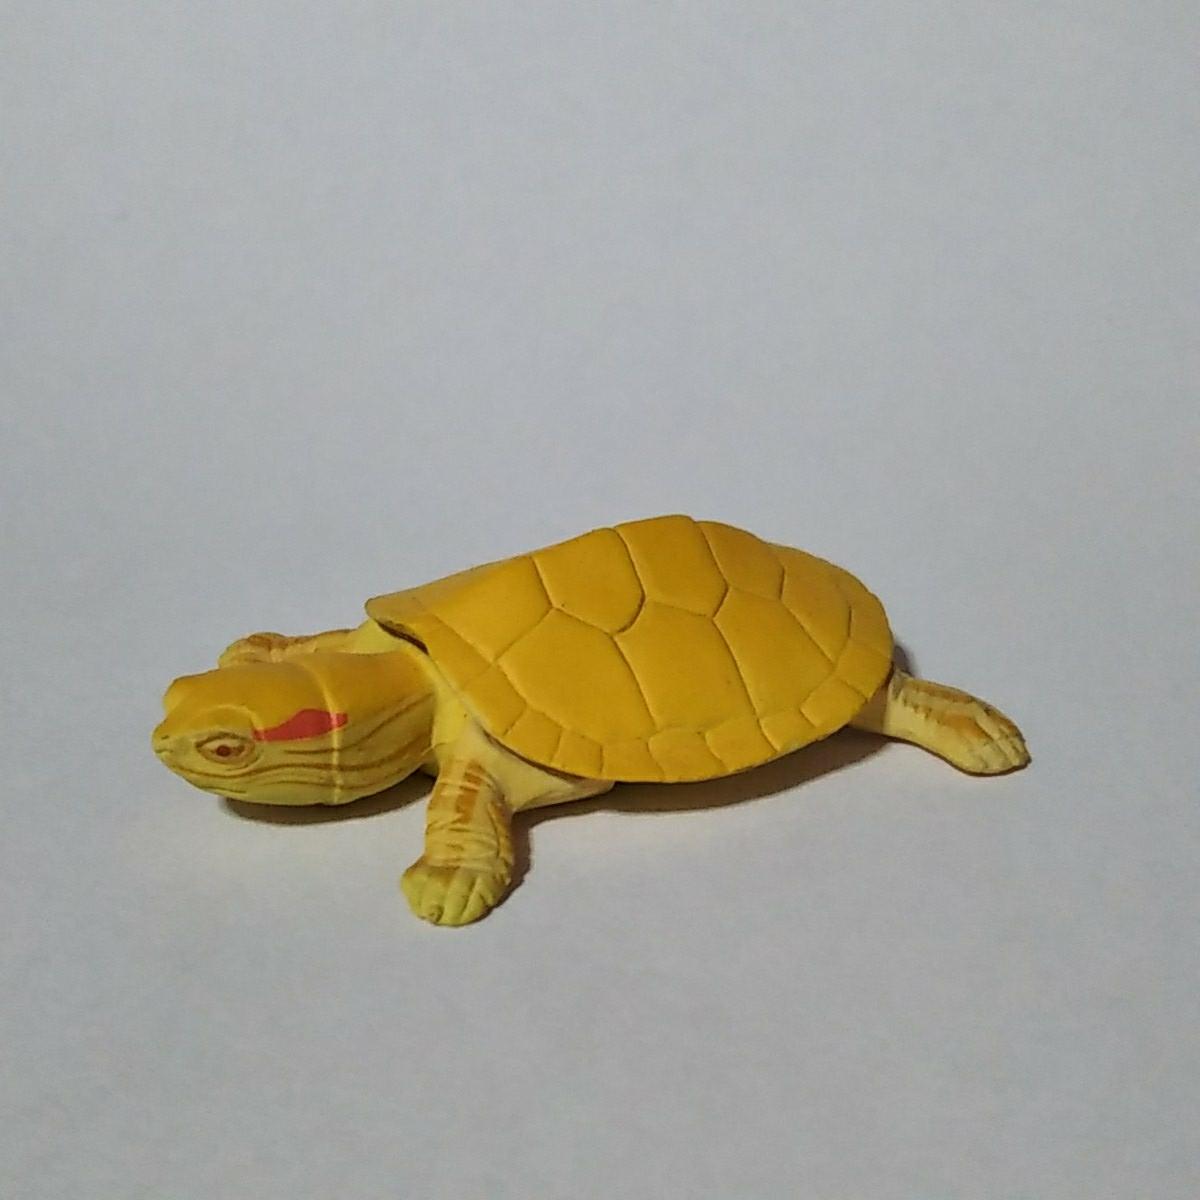 フルタ チョコエッグ 動物シリーズ ミドリガメ(アルビノ)_画像1